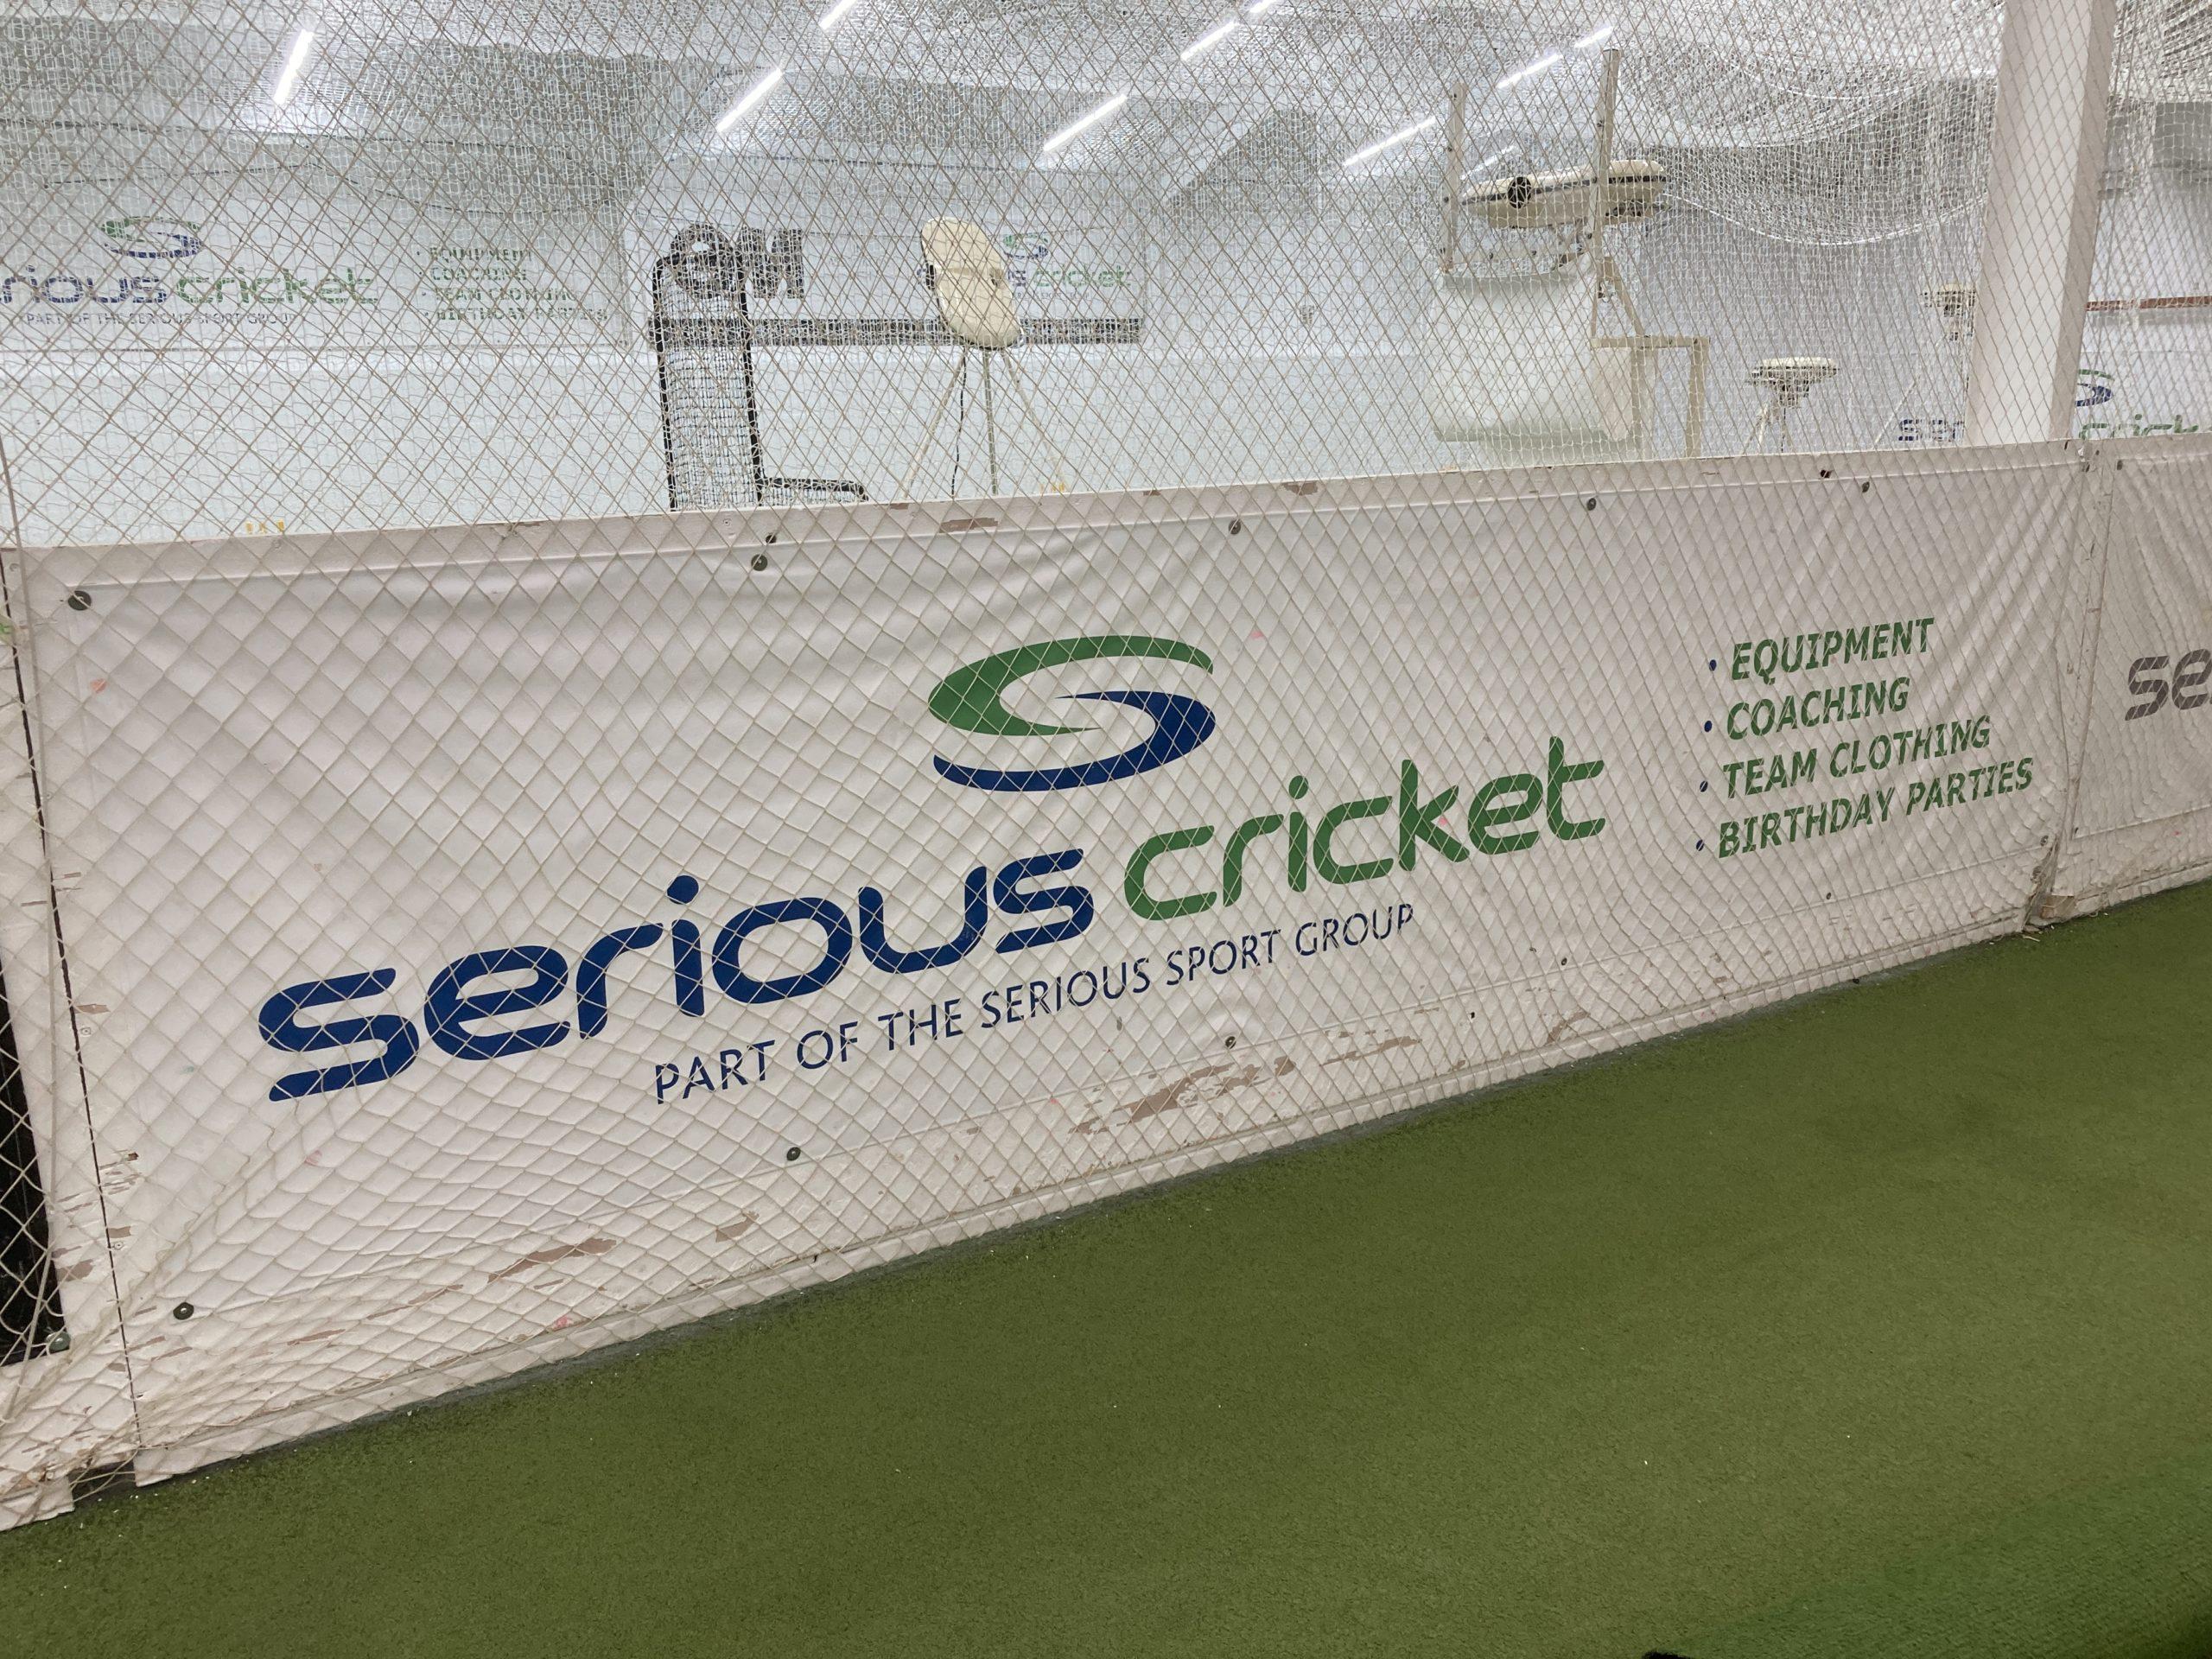 Indoor cricket facility